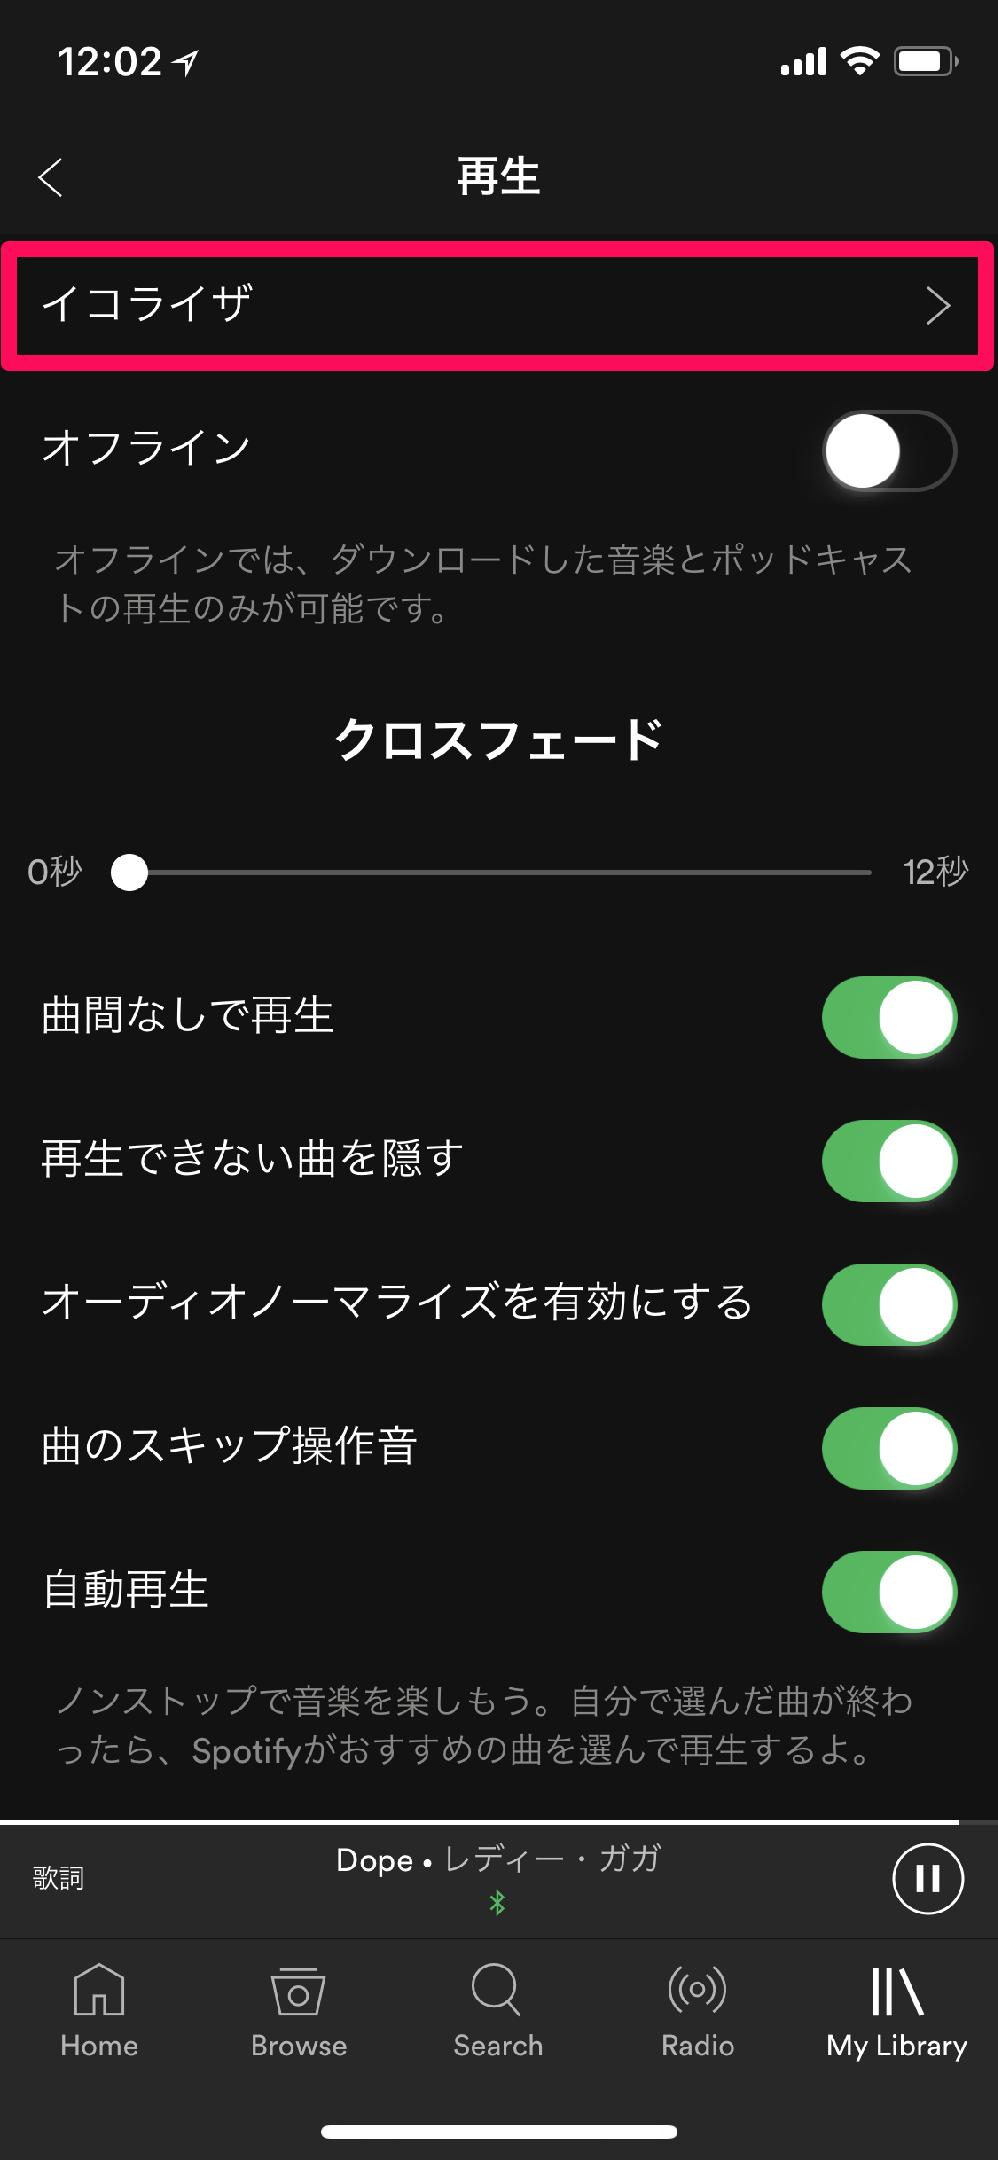 イコライザ spotify